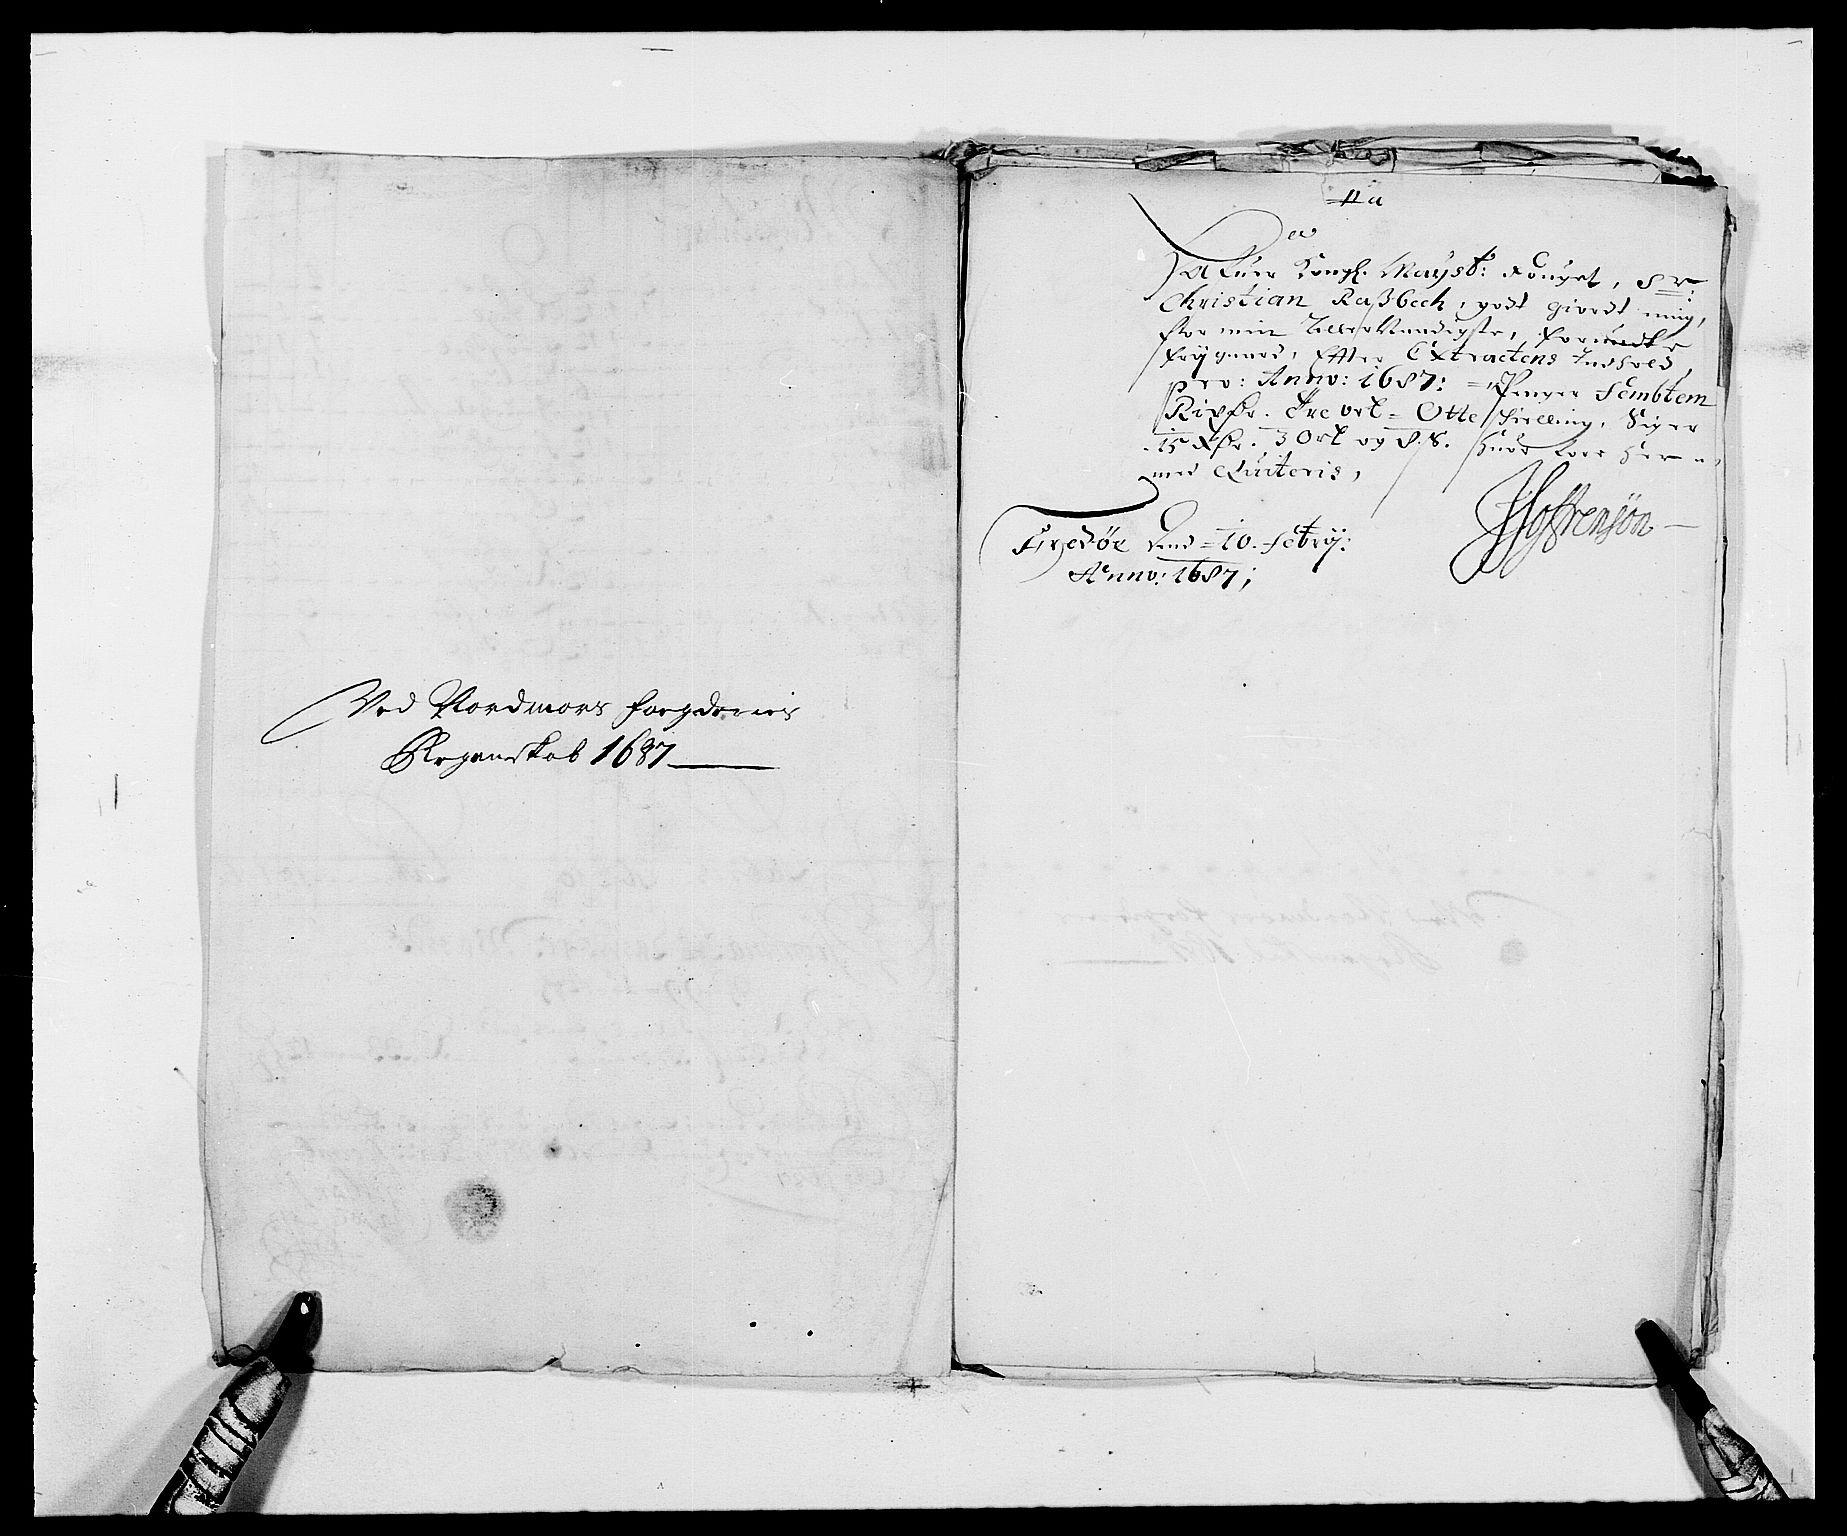 RA, Rentekammeret inntil 1814, Reviderte regnskaper, Fogderegnskap, R56/L3733: Fogderegnskap Nordmøre, 1687-1689, s. 116